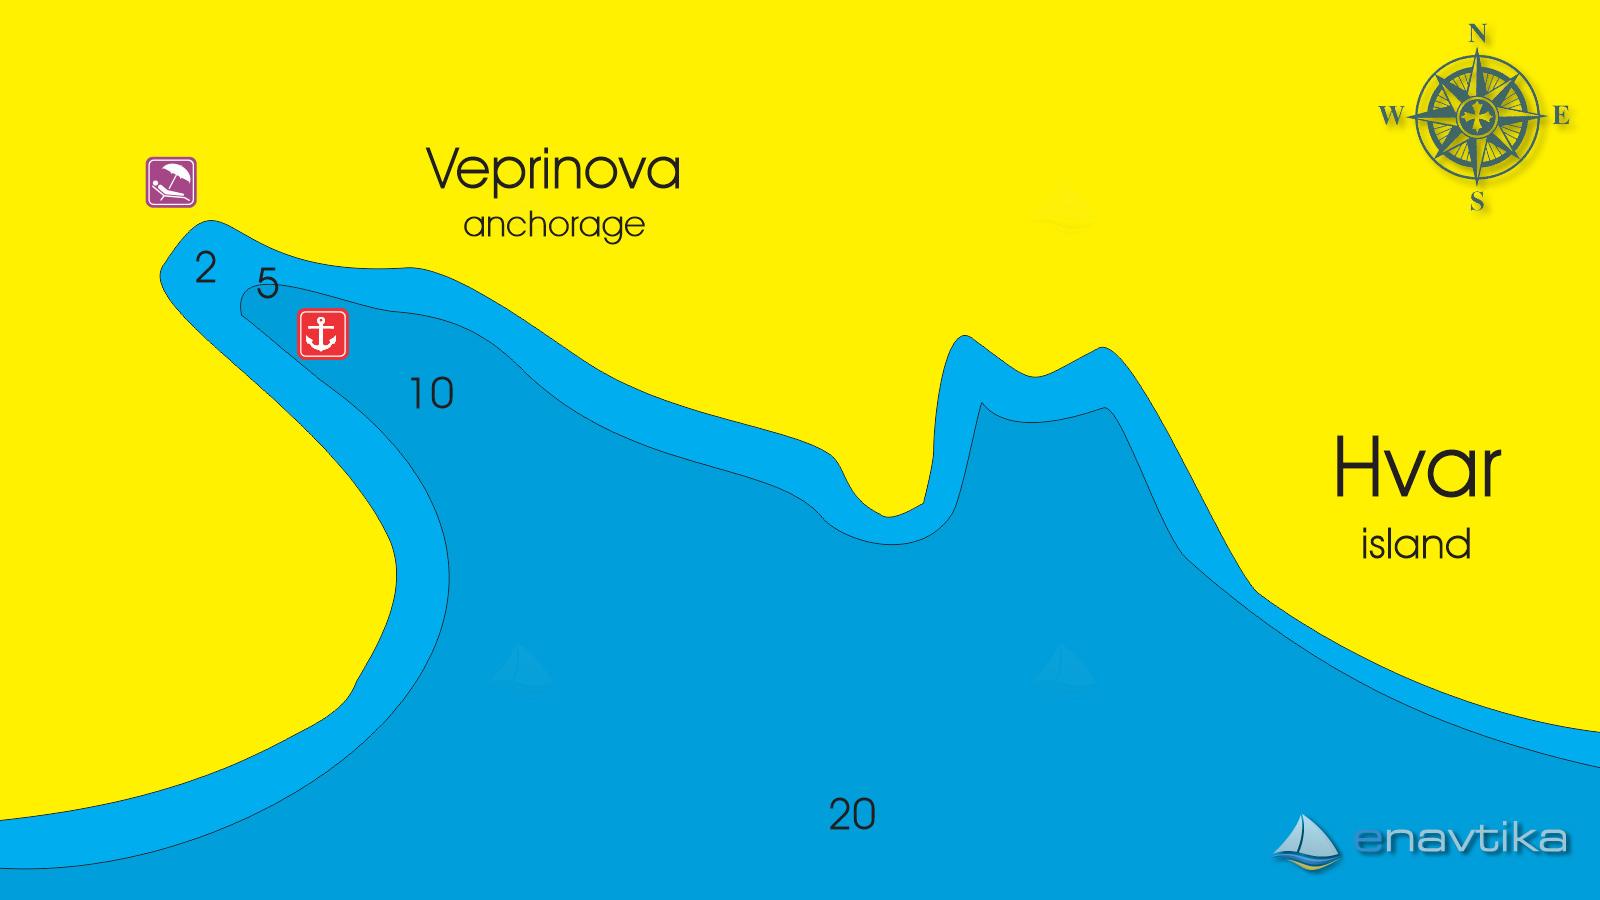 Slika Veprinova 2